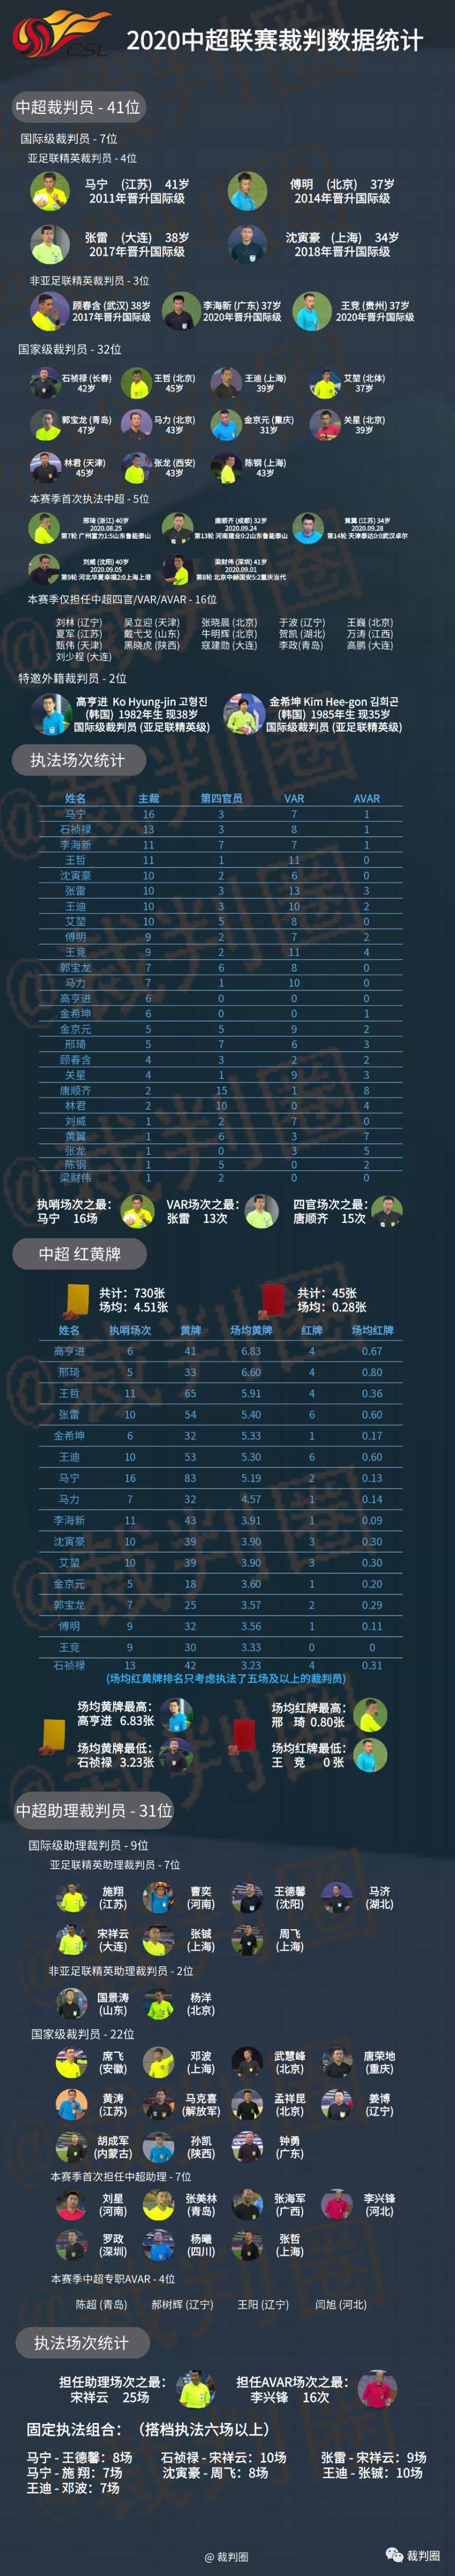 中超裁判报告:马宁执法16场居首!场均4.5黄共出示45红